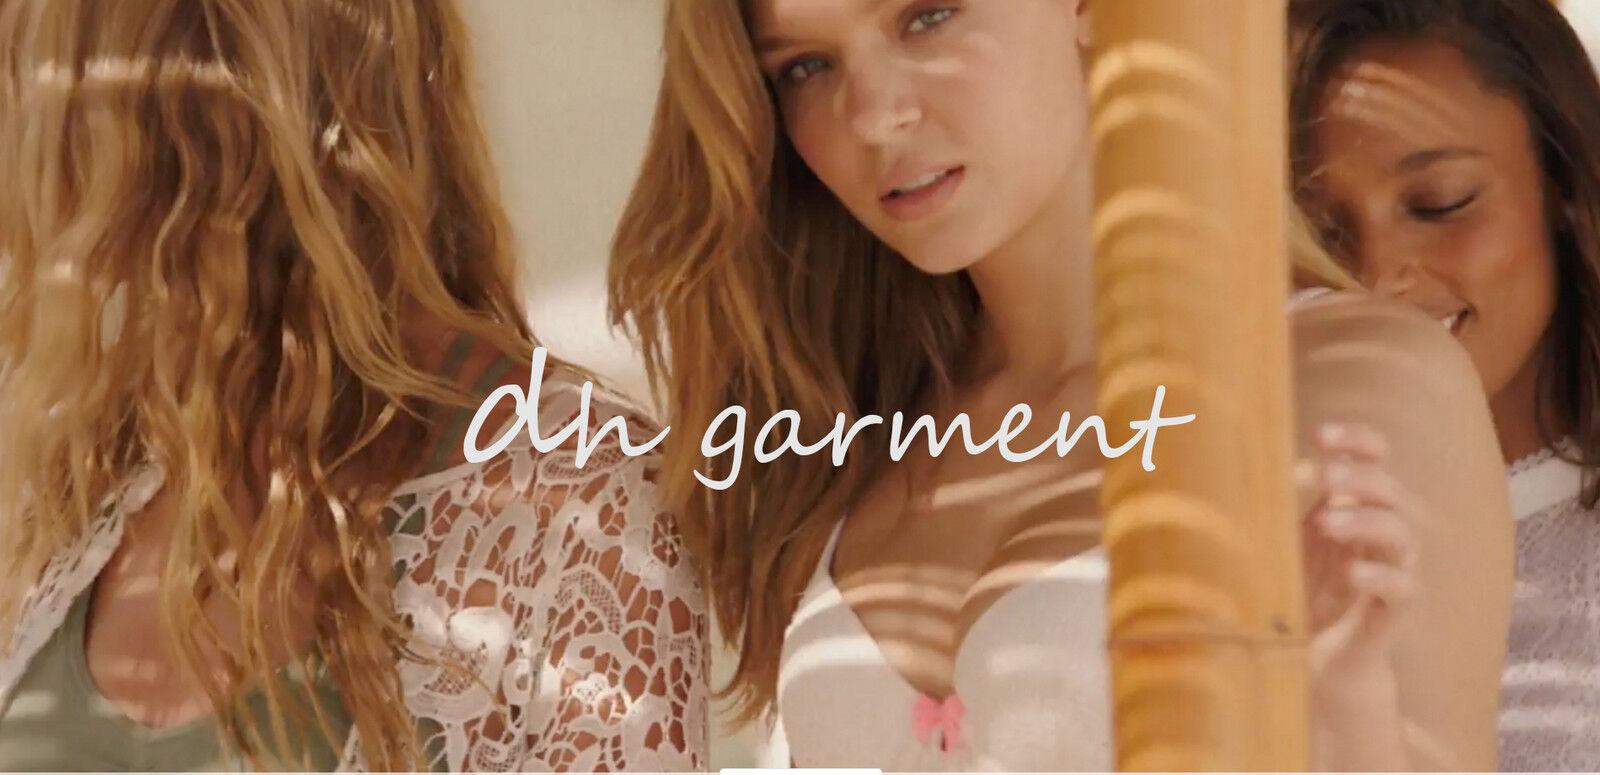 dh garment